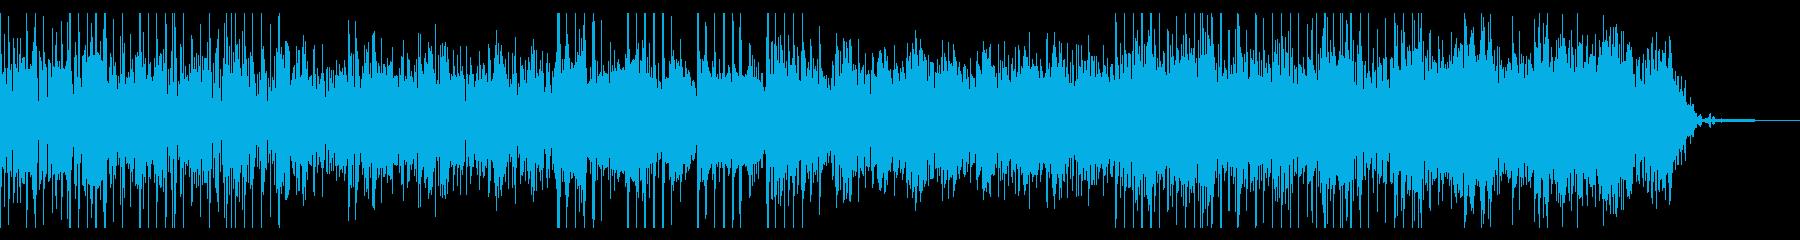 テクノがかったデジタルで不思議なBGMの再生済みの波形